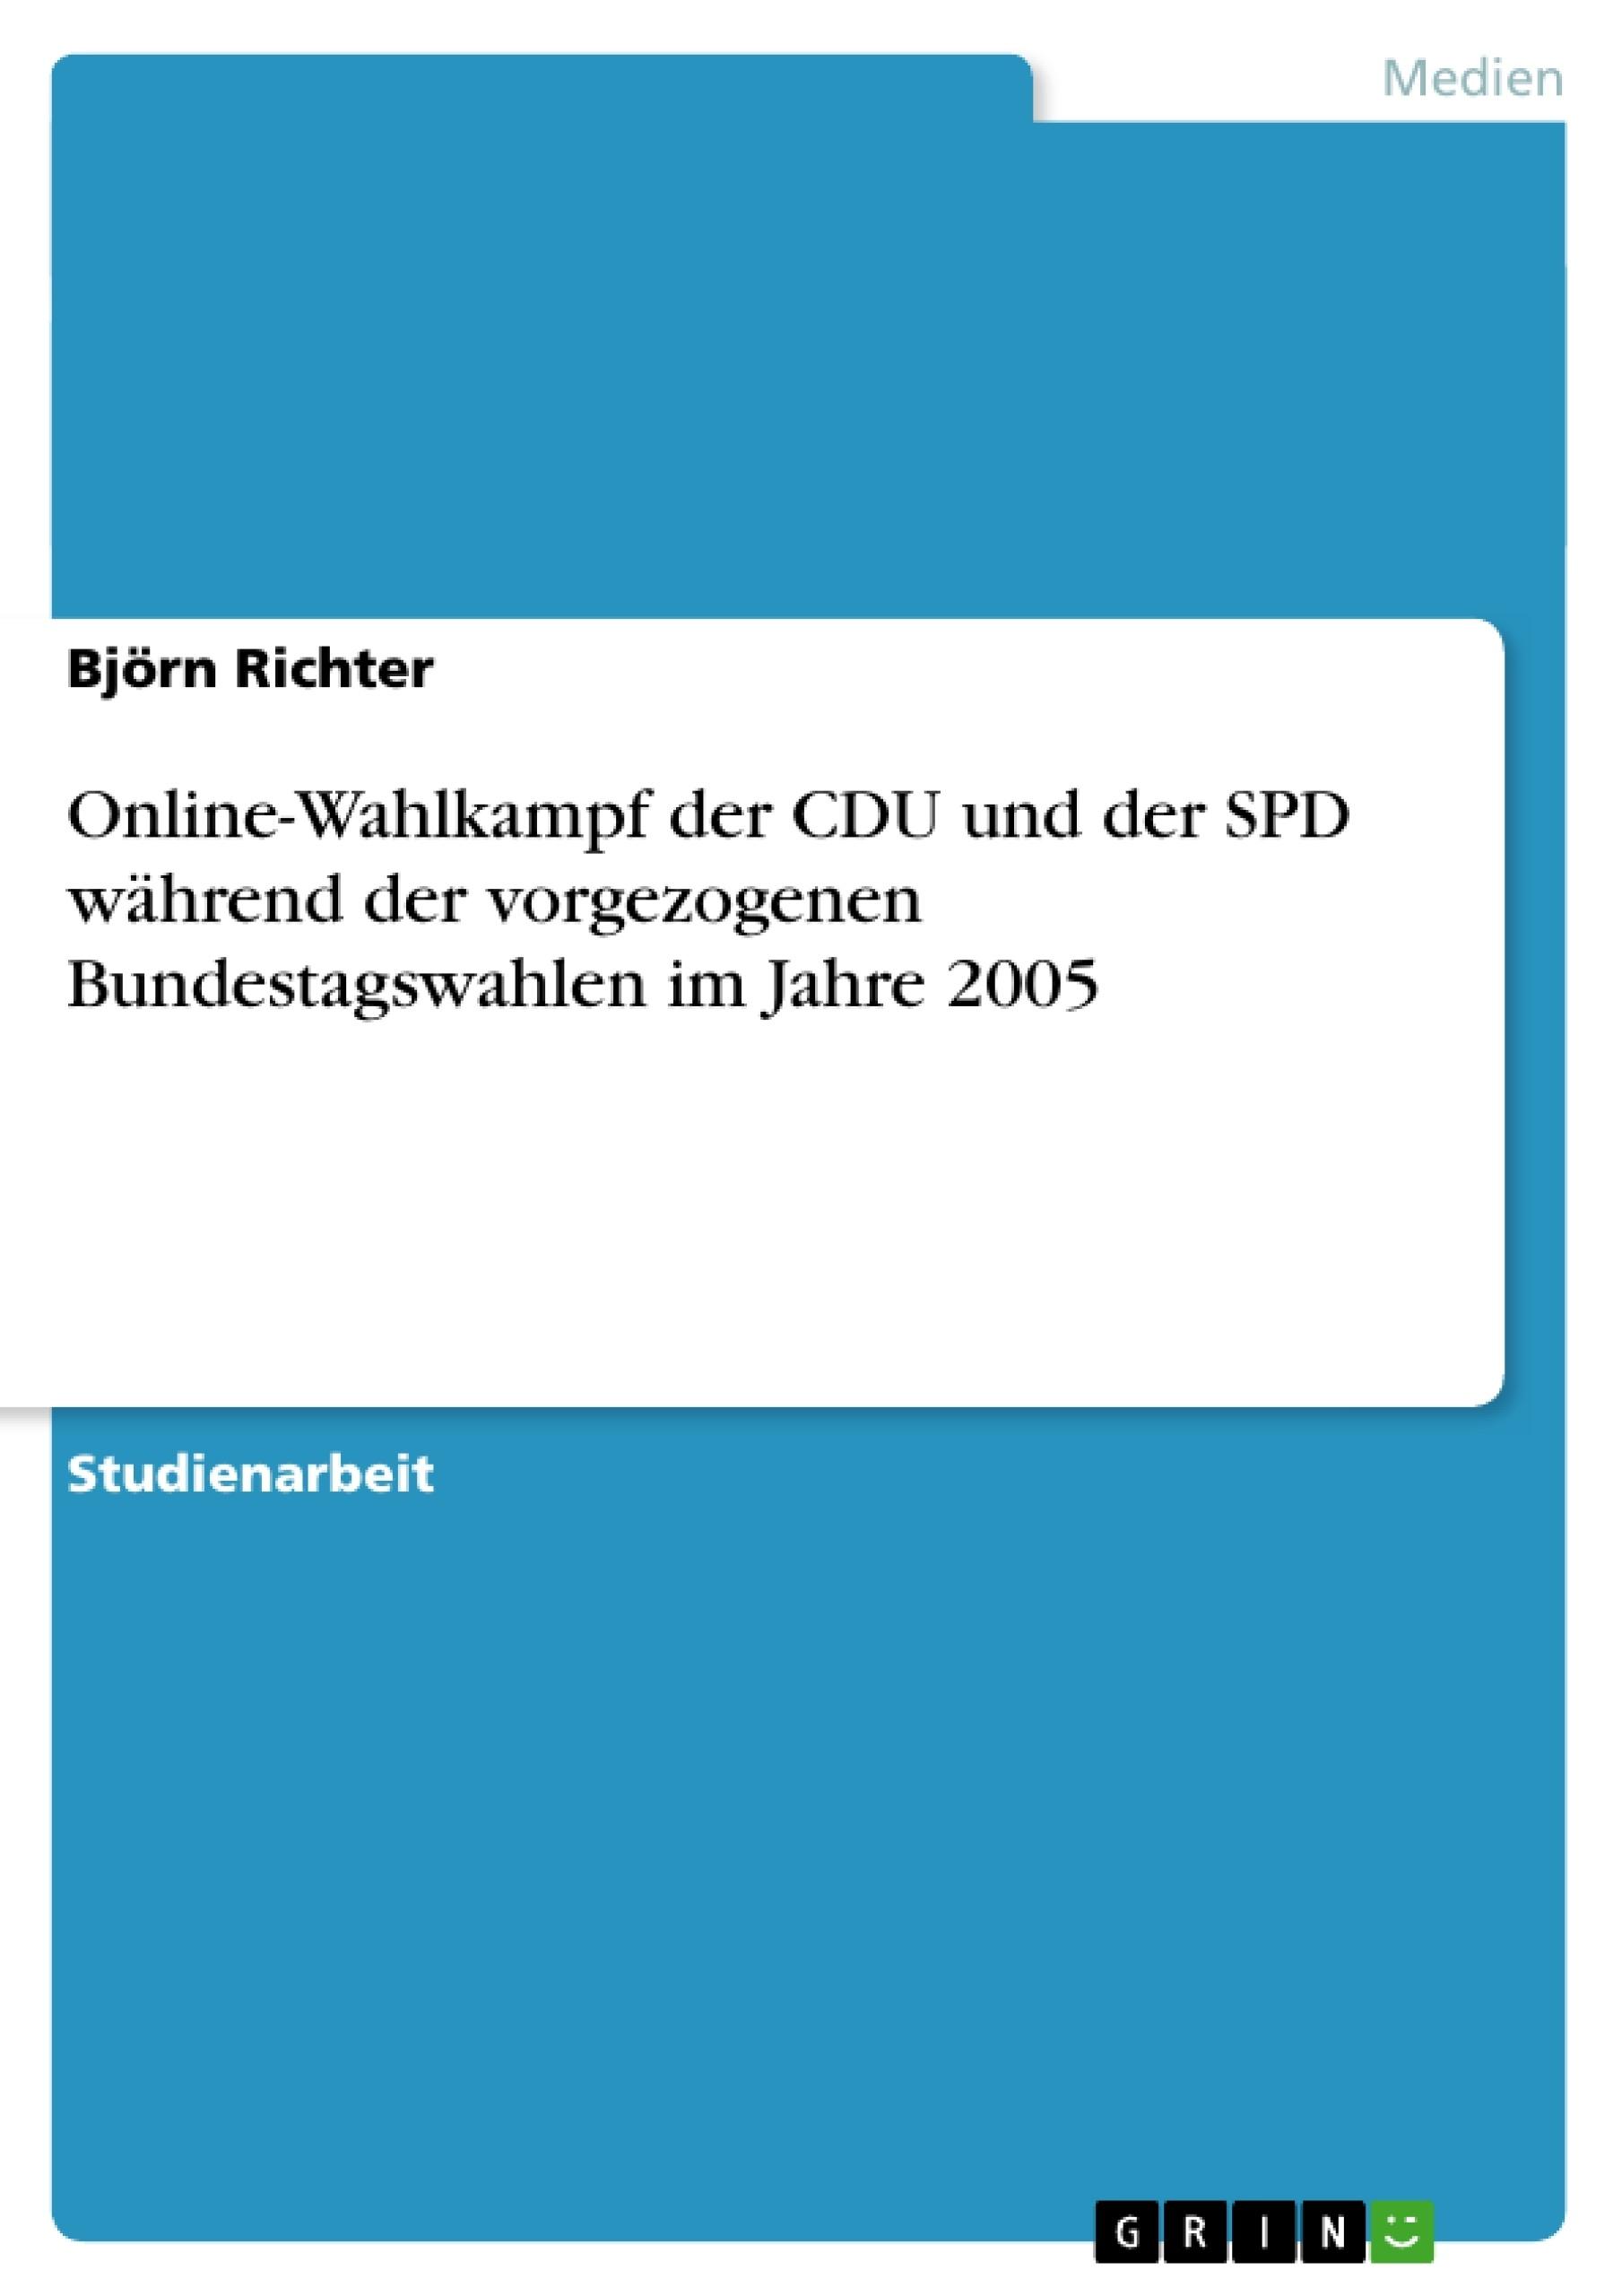 Titel: Online-Wahlkampf der CDU und der SPD während der vorgezogenen Bundestagswahlen im Jahre 2005